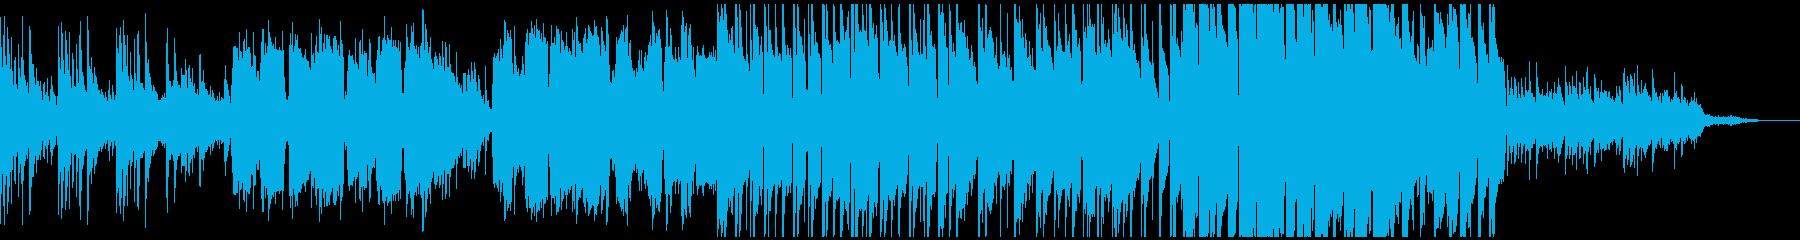 落ち着いた和風のわびさびBGMの再生済みの波形